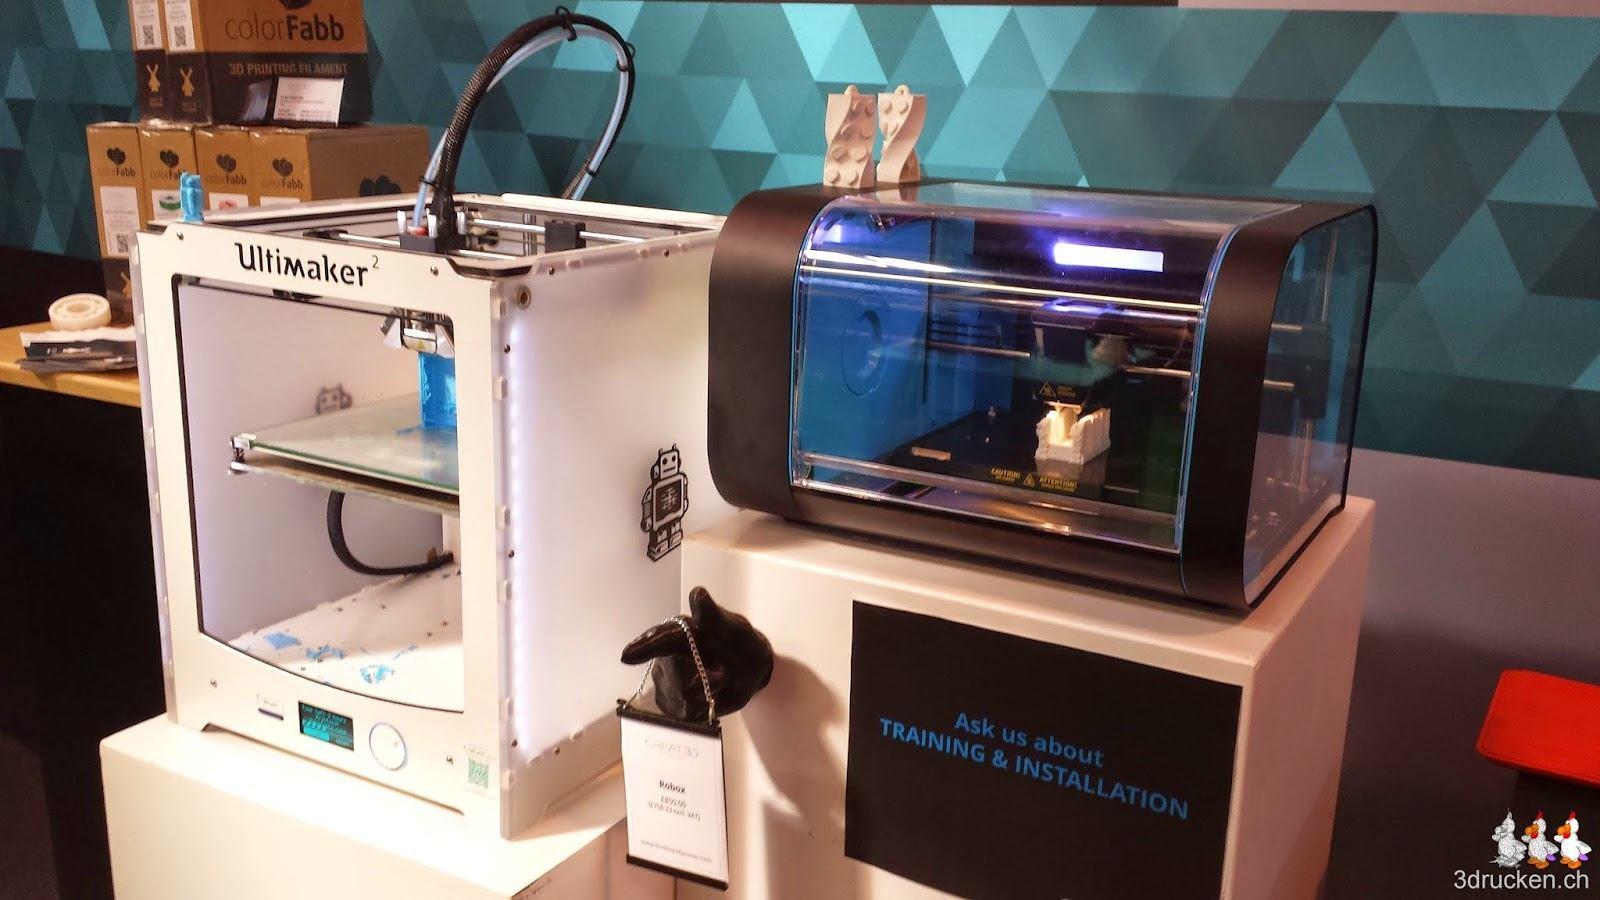 Foto eines Ultimaker 2 neben einem robox 3D-Drucker